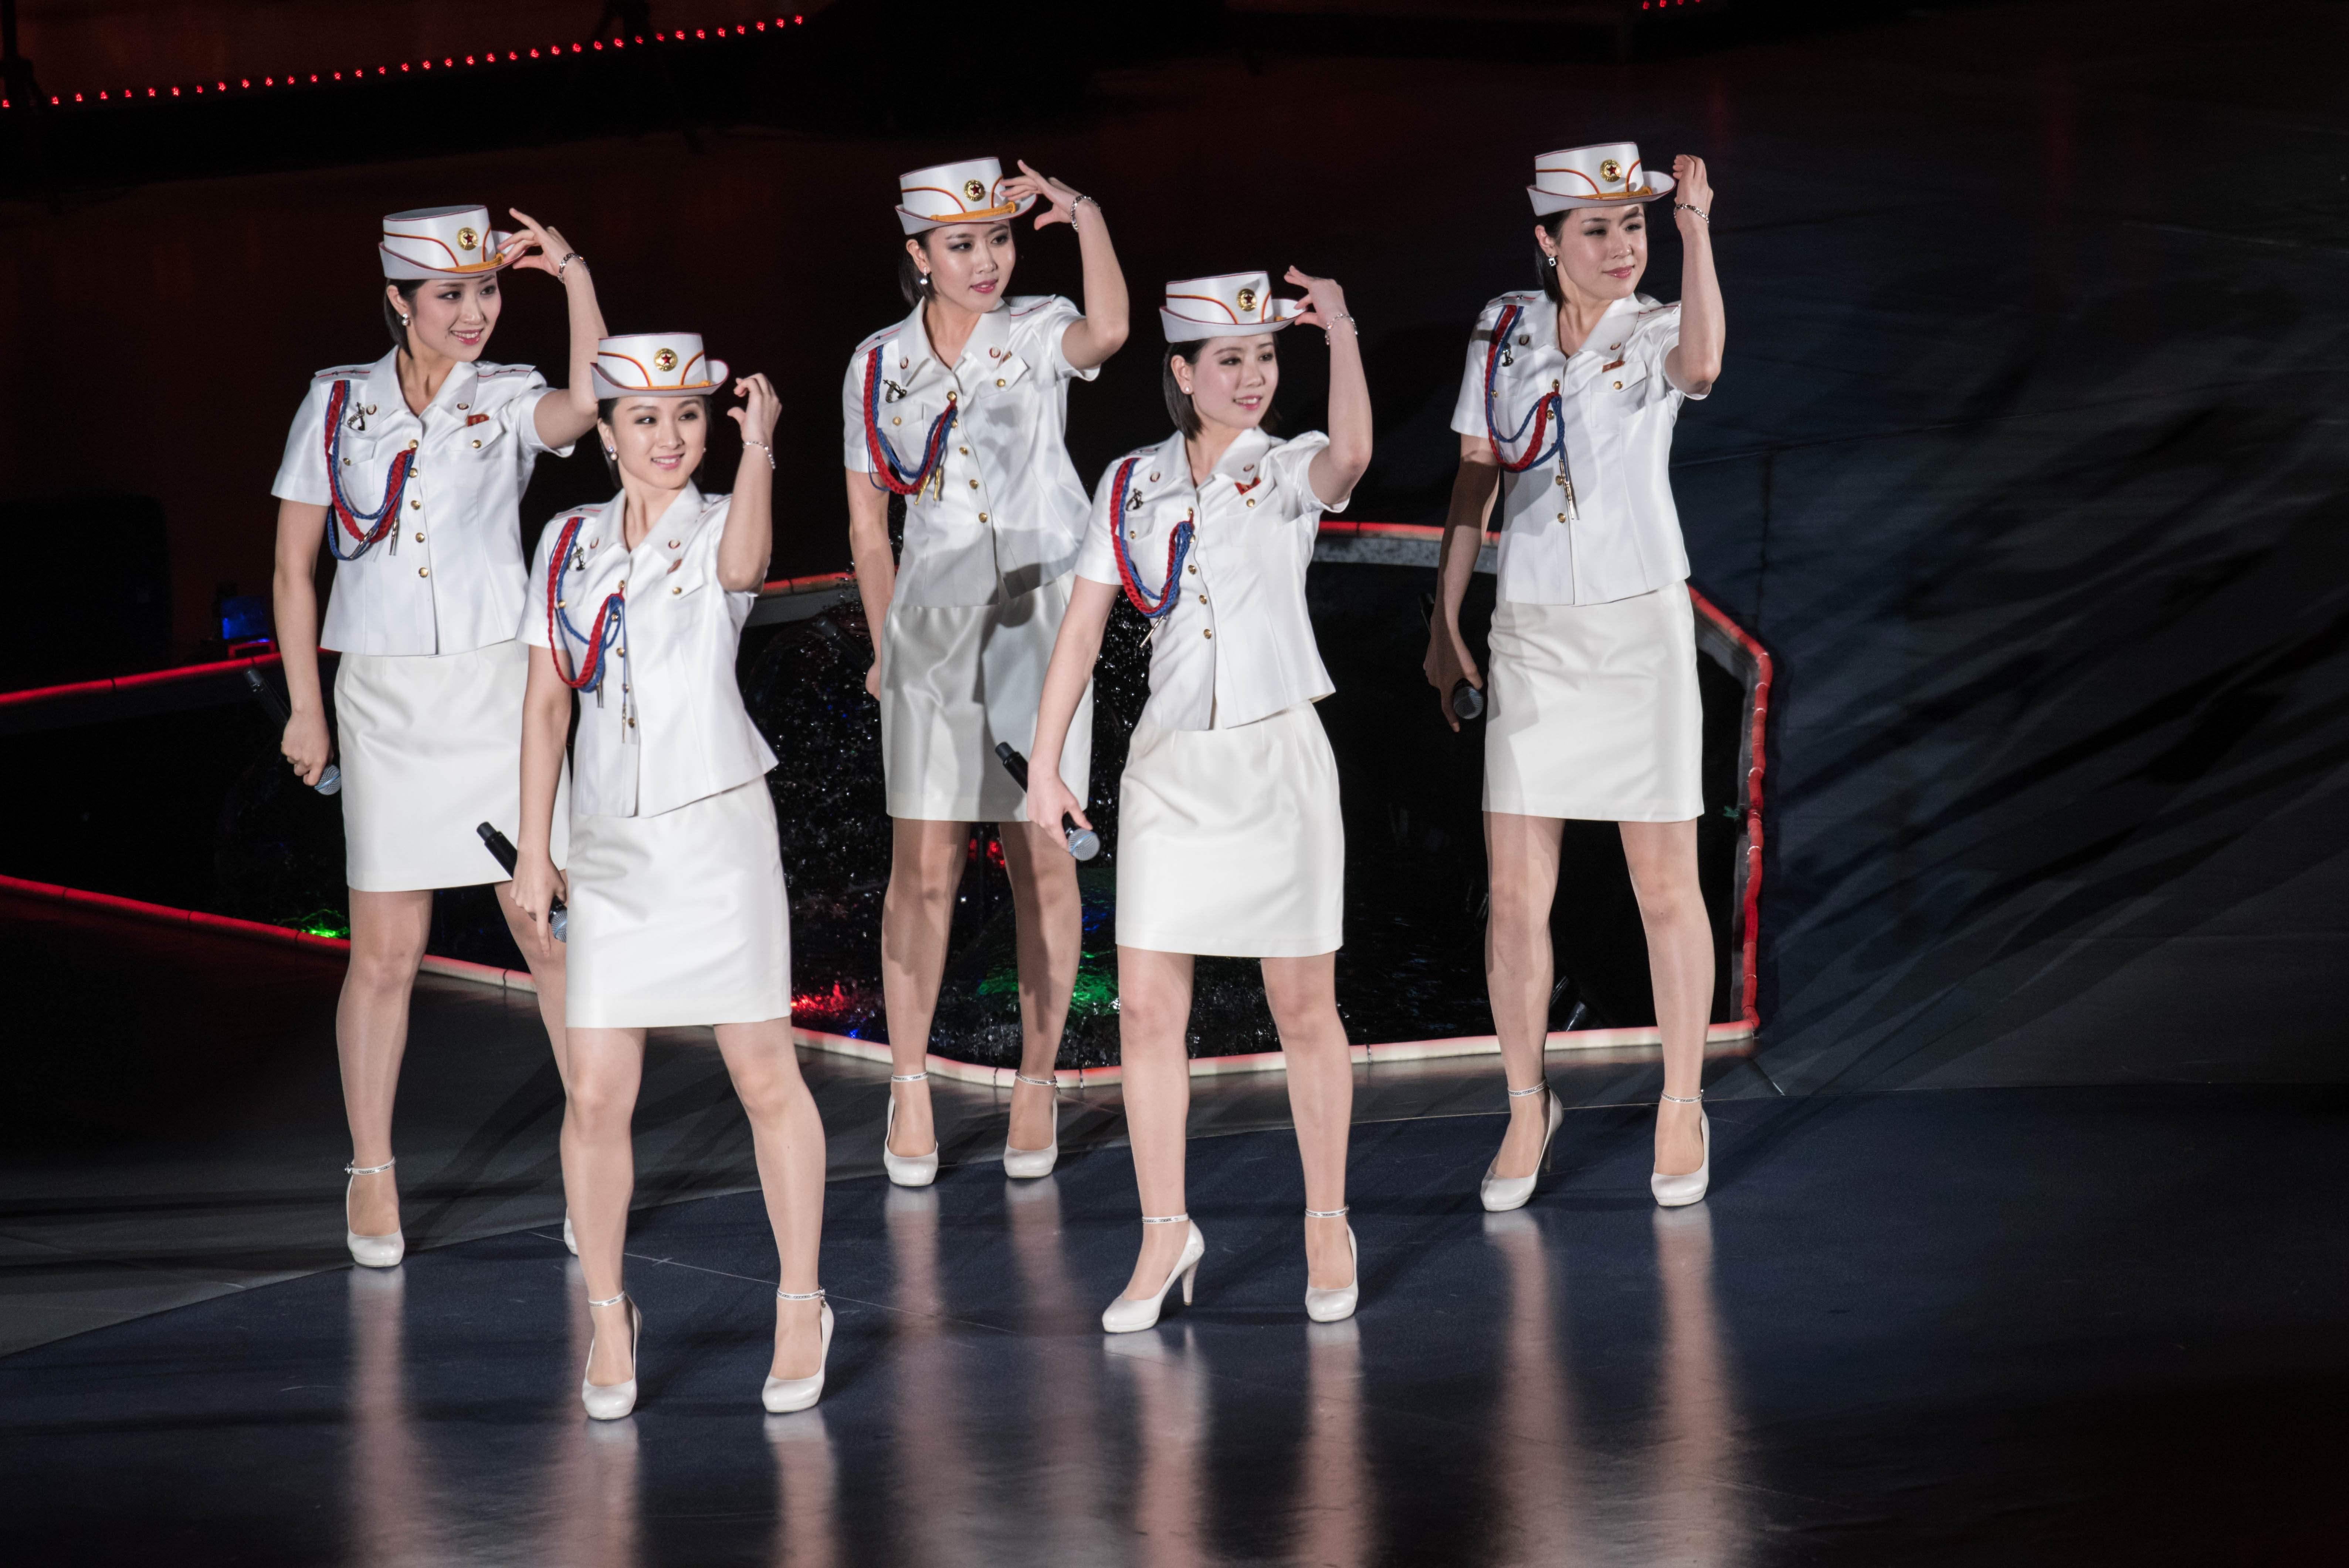 ▲北韓第一夫人李雪主與牡丹峰樂團的「短裙」穿著,引起大眾模仿熱潮。(圖/CFP)